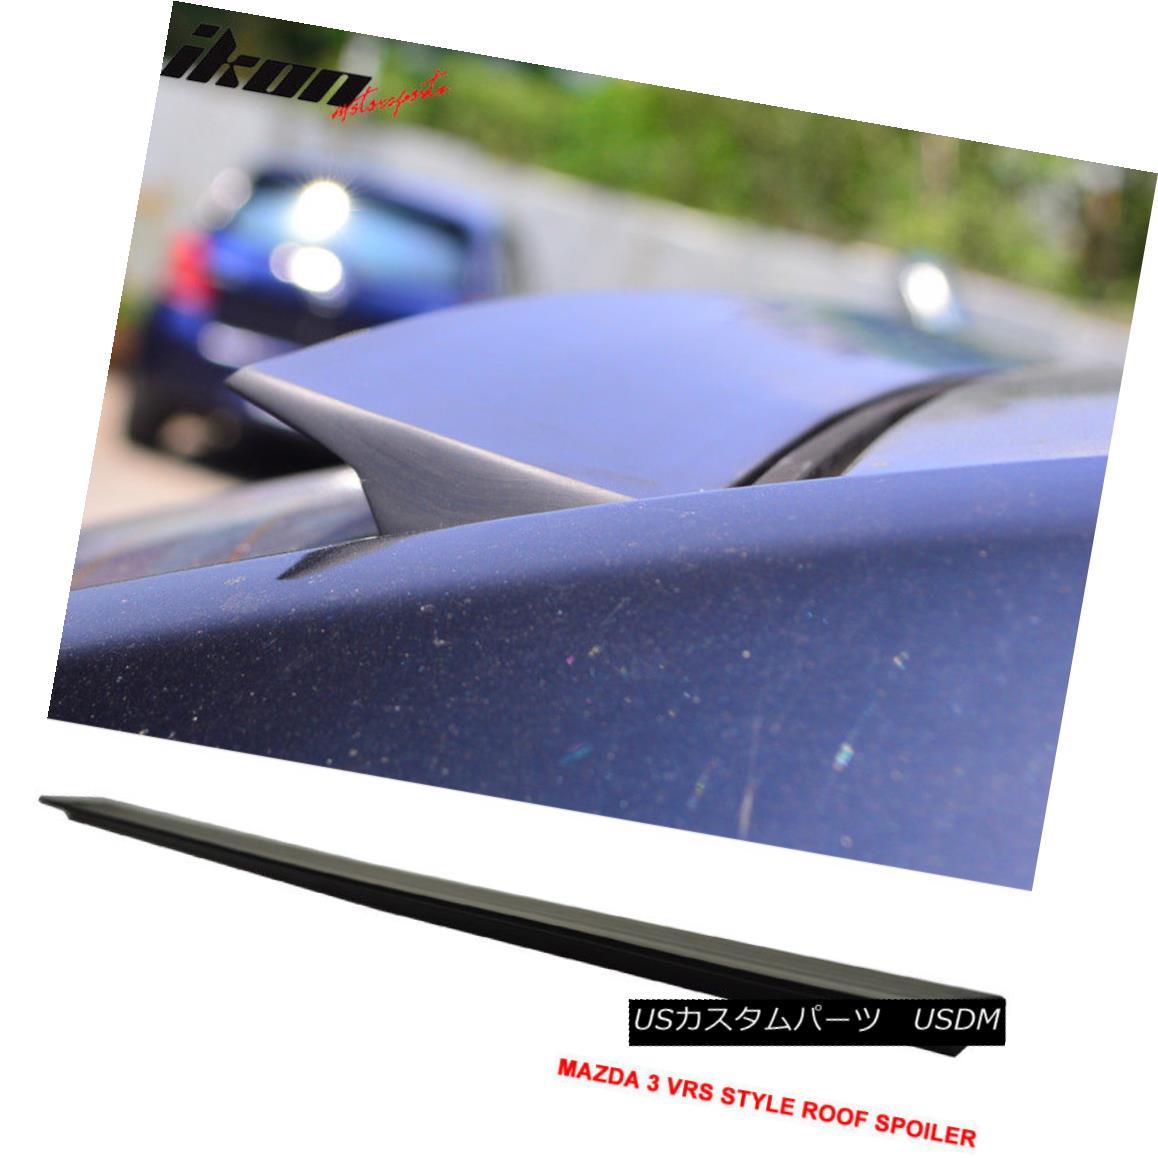 エアロパーツ For 14-17 Mazda 3 4D VRS Style Roof Spoiler Wing Unpainted - PUF 14-17マツダ3 4D VRSスタイルルーフスポイラーウイング無塗装 - PUF